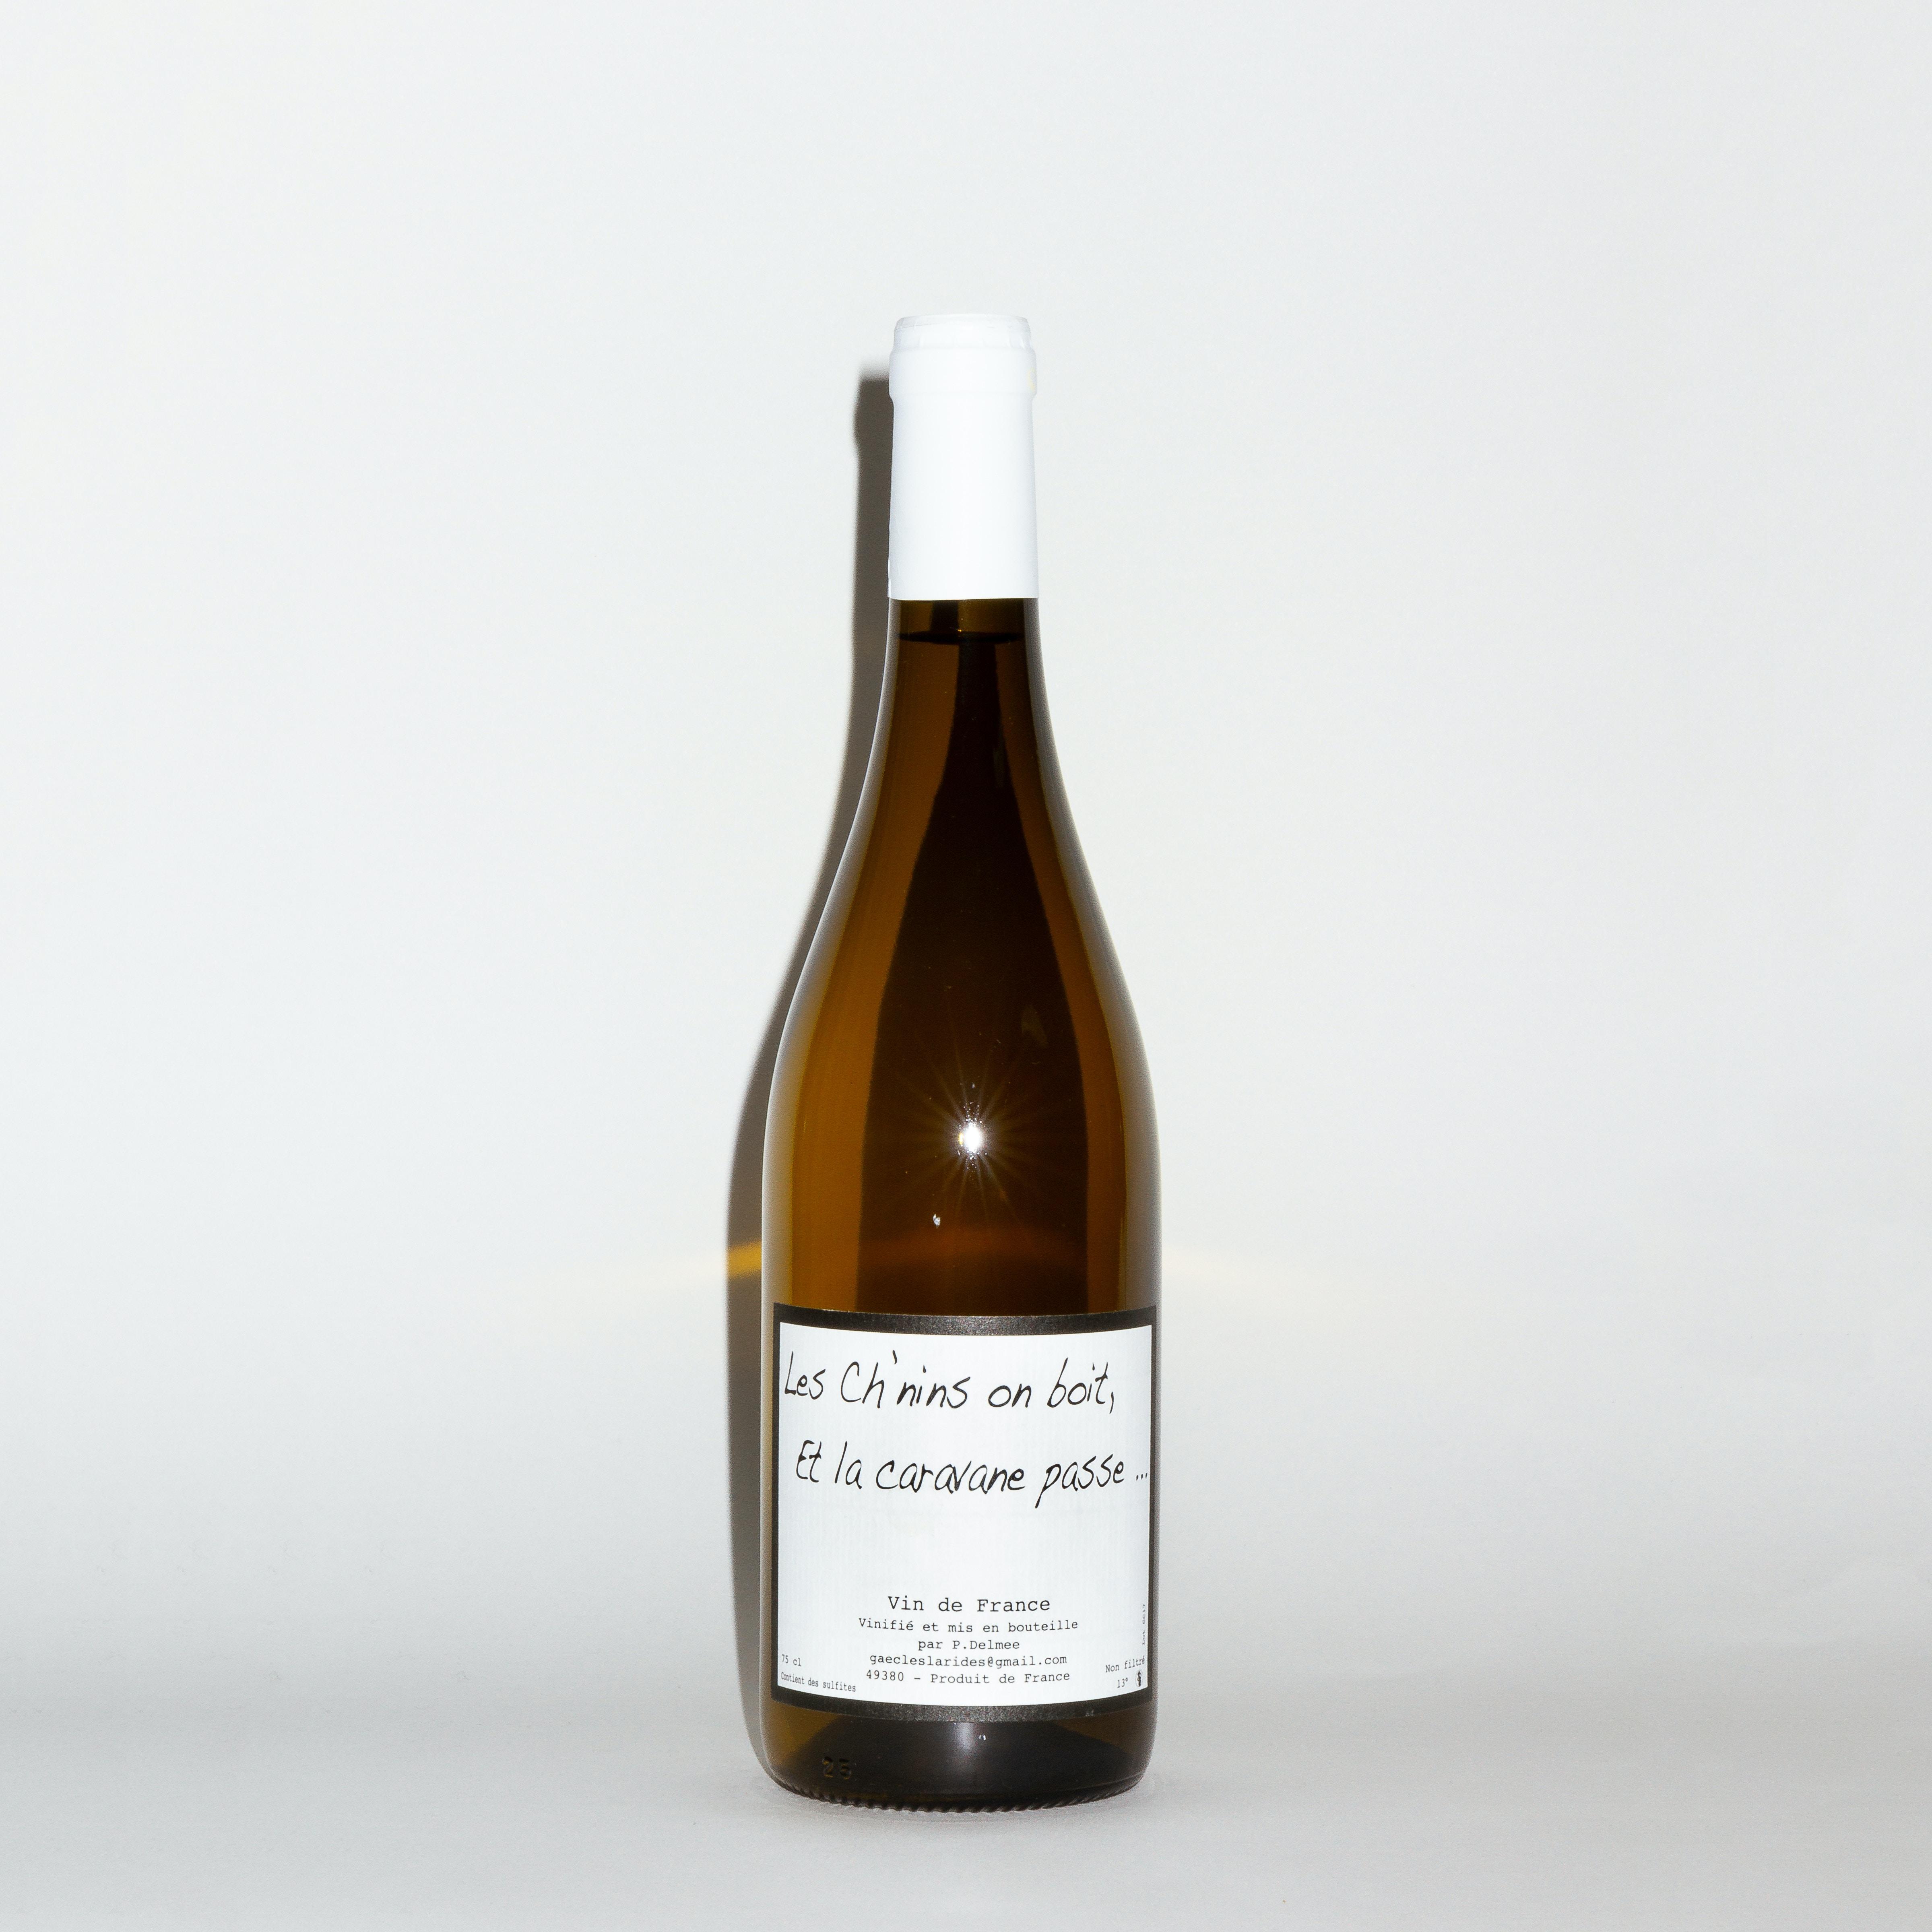 Les Ch'nins on boit, la Caravane passe 2017 by Les Goelands